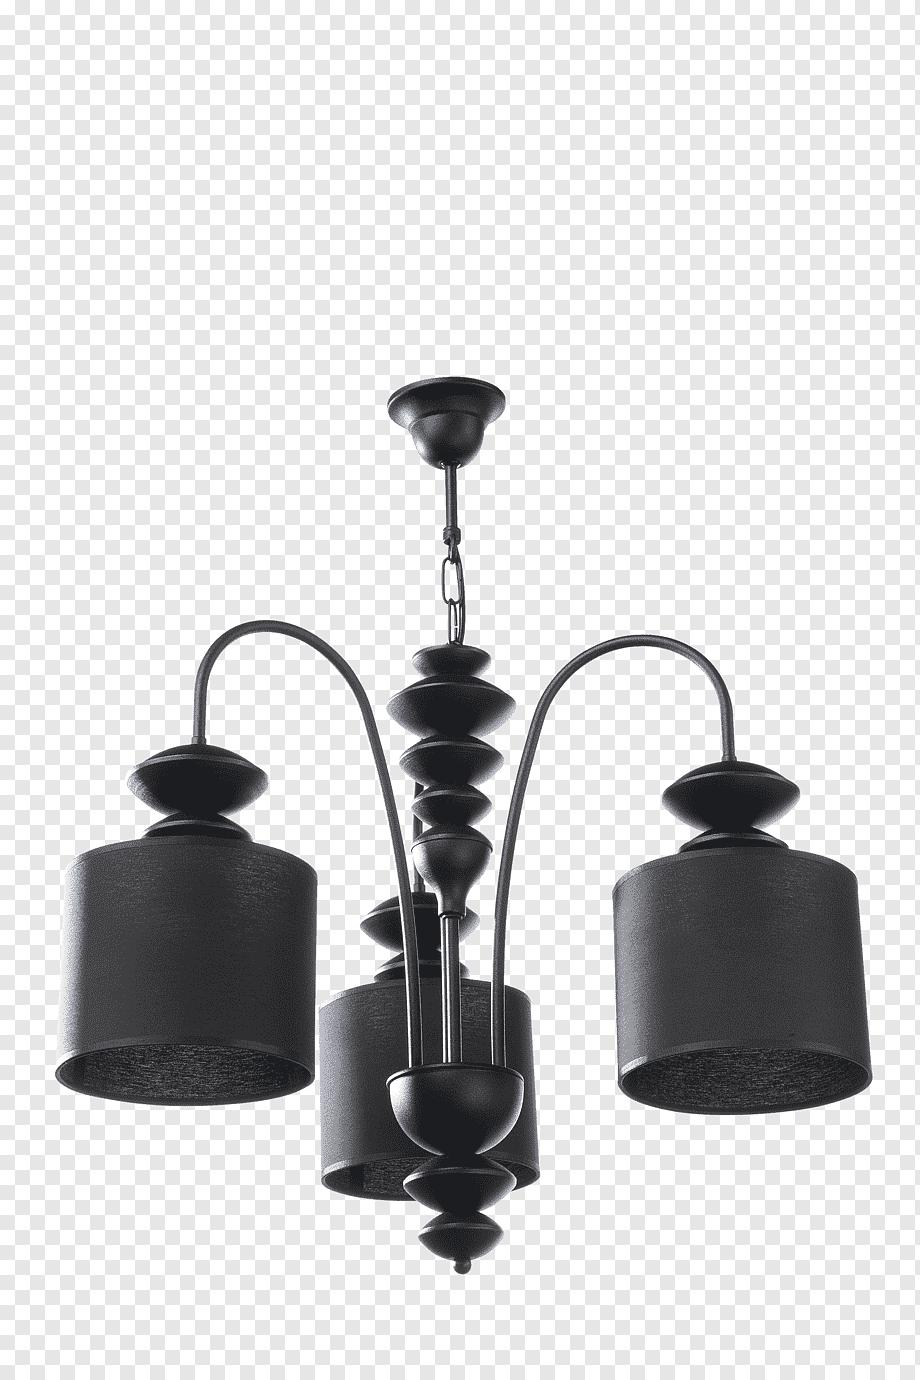 Full Size of Leuchte Beleuchtung Kronleuchter Lampenschirme Laminat Fürs Bad Komplettes Schlafzimmer Deko Fliesen Für Küche Sichtschutzfolie Fenster Boden Badezimmer Wohnzimmer Lampe Für Schlafzimmer